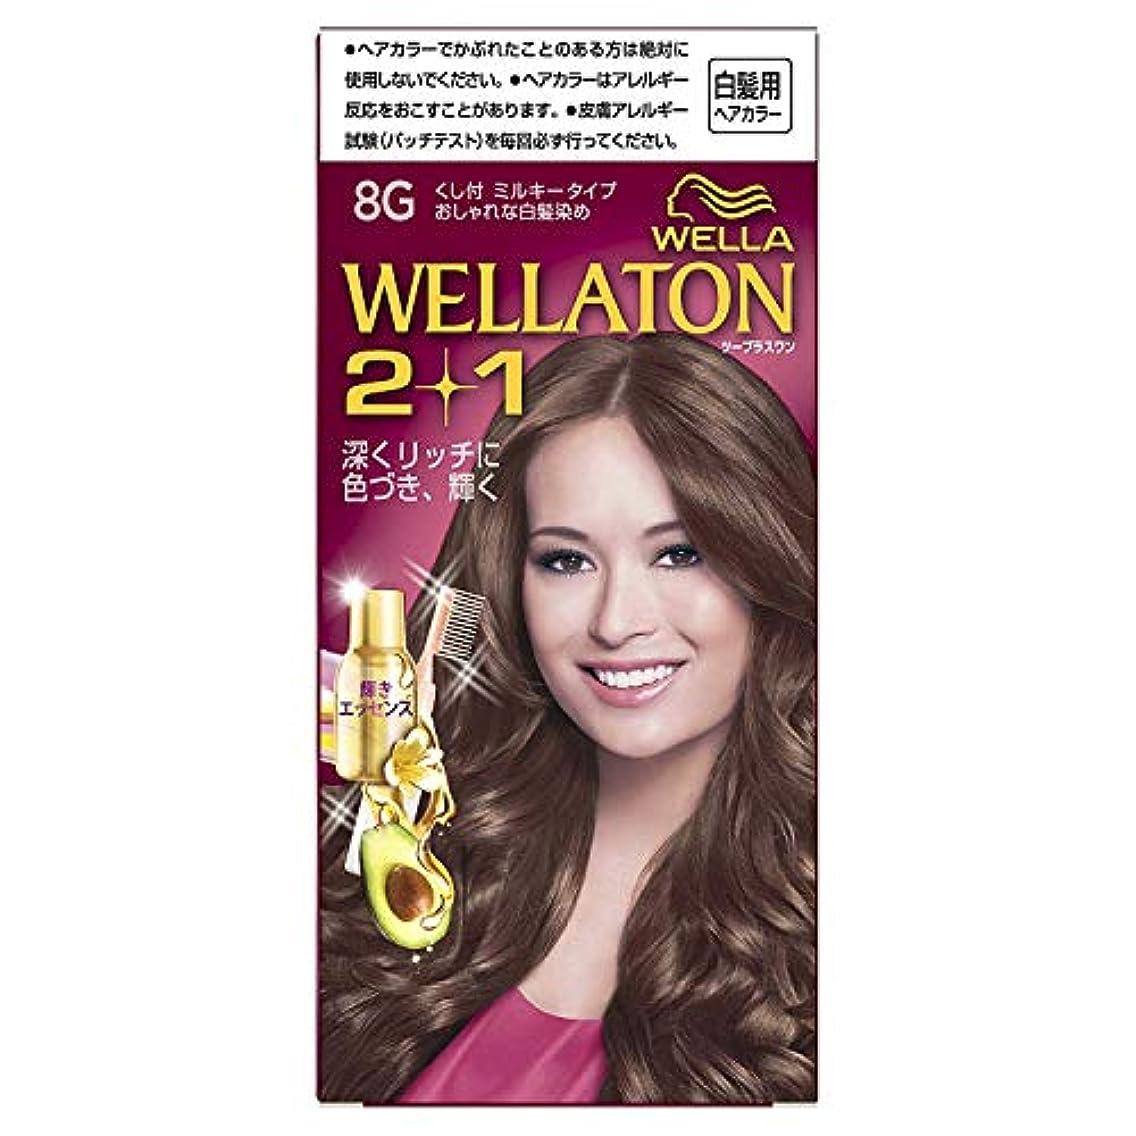 汚物聖なる硬いウエラトーン2+1 白髪染め くし付ミルキータイプ 8G [医薬部外品] ×6個